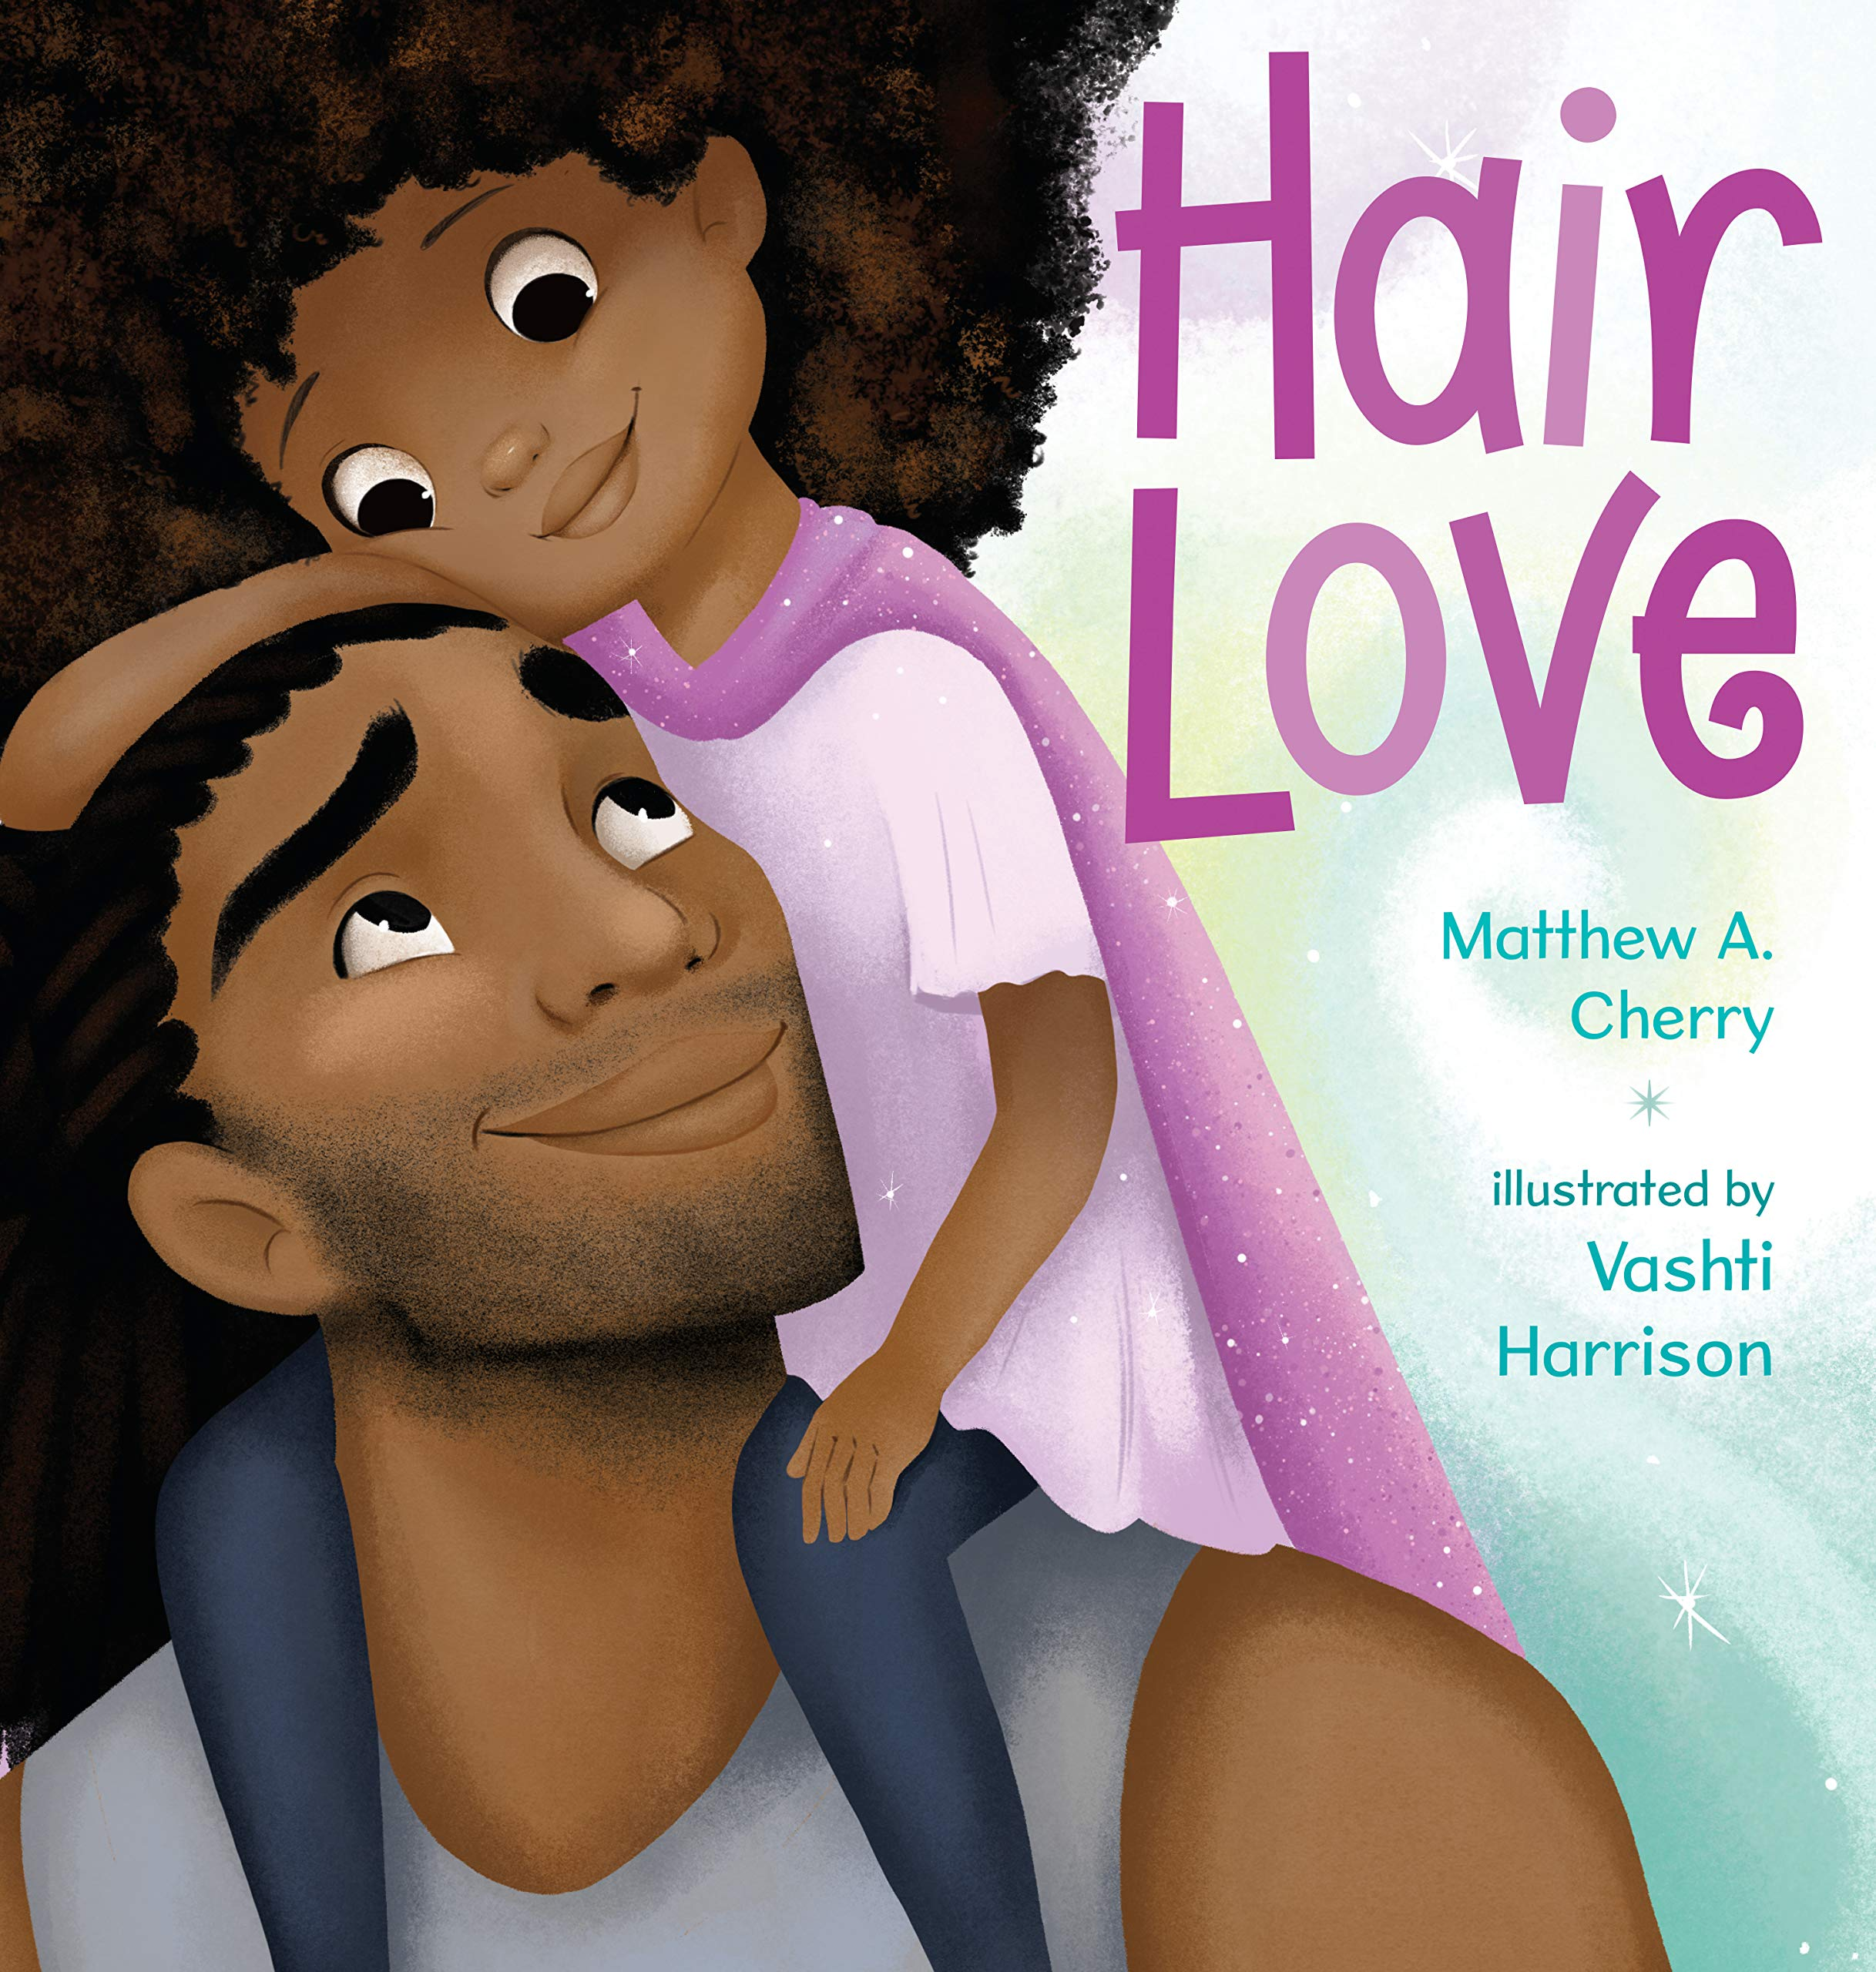 Hair Love: A Book Review